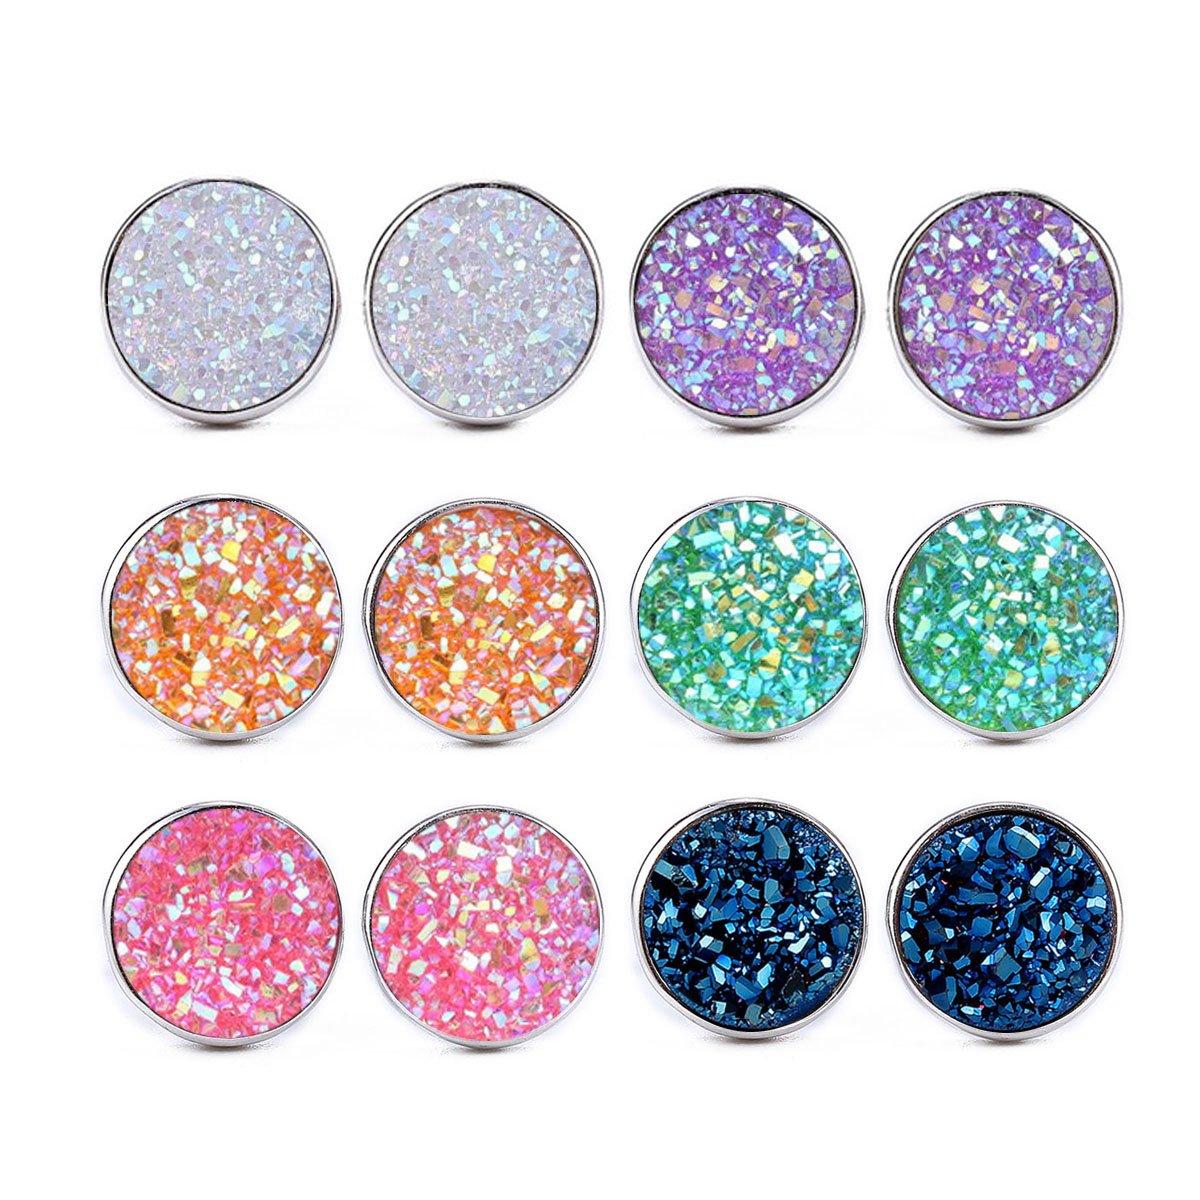 Dolovely Stainless Steel Resin Stud Earrings Set for Girls Women Hypoallergenic Pierced Earrings